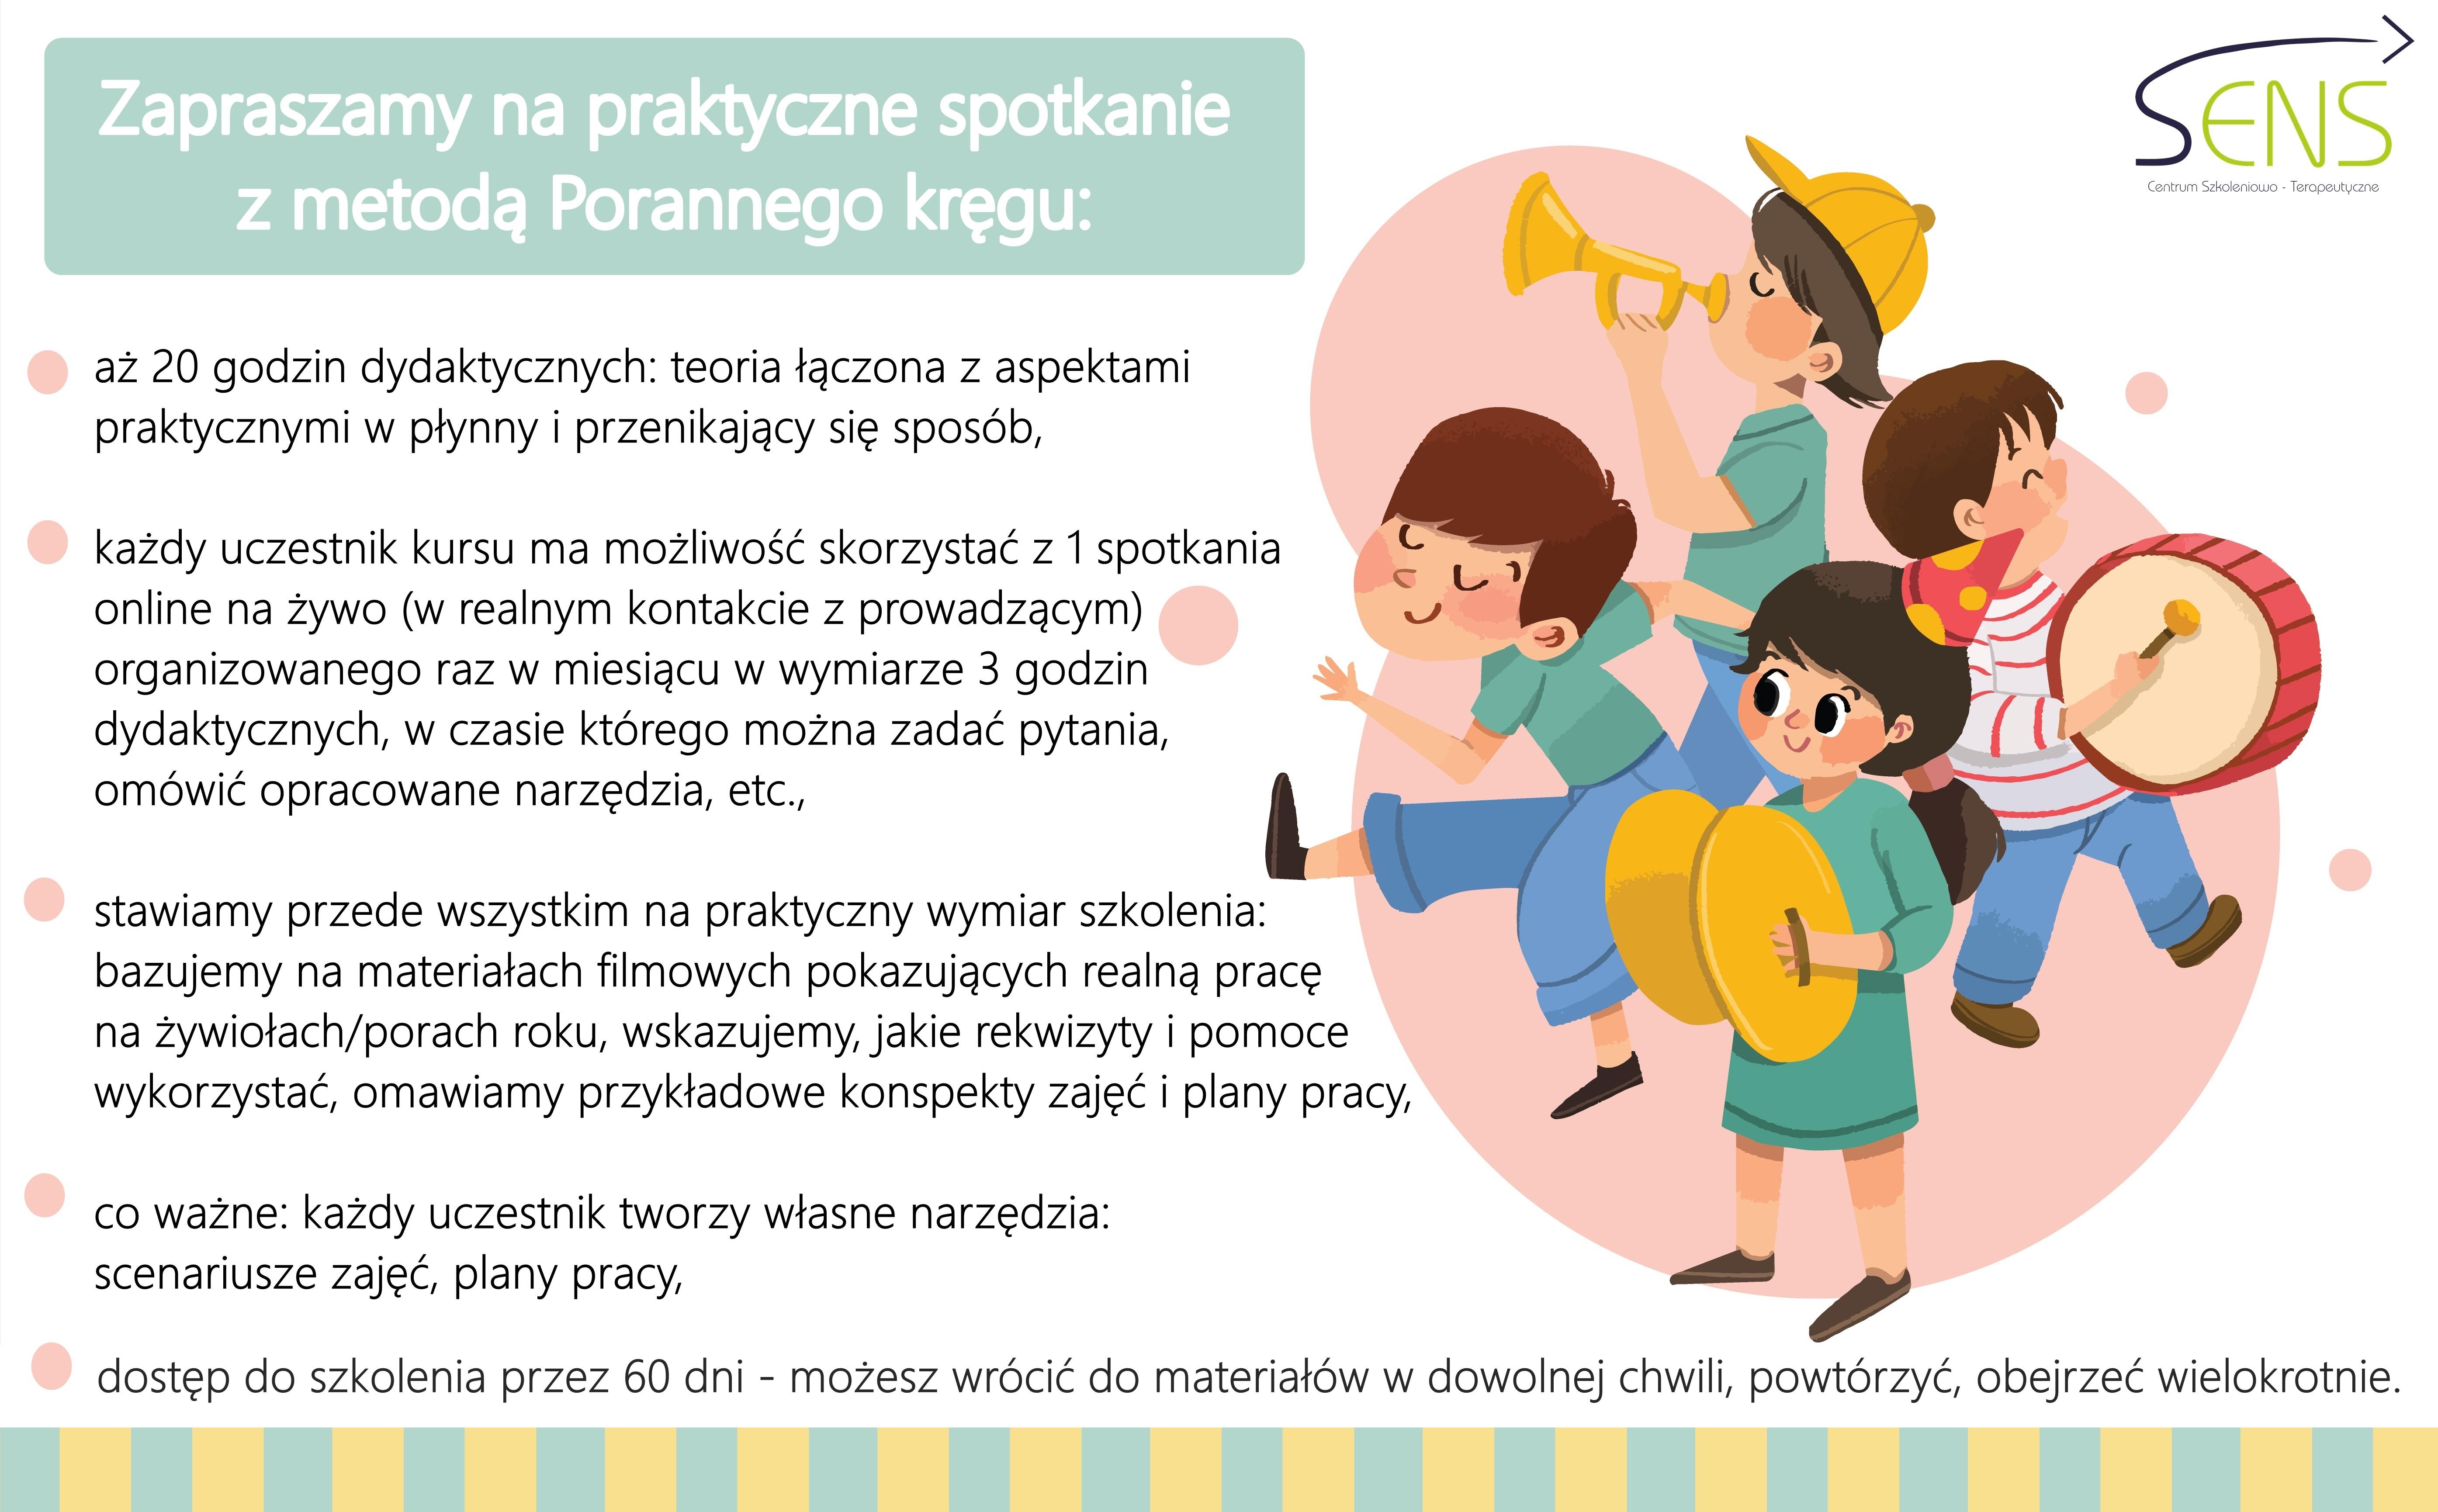 Multisensoryczne formy wspierania rozwoju dzieci metoda Porannego kręgu. Szkolenie online. Dostęp 60 dni